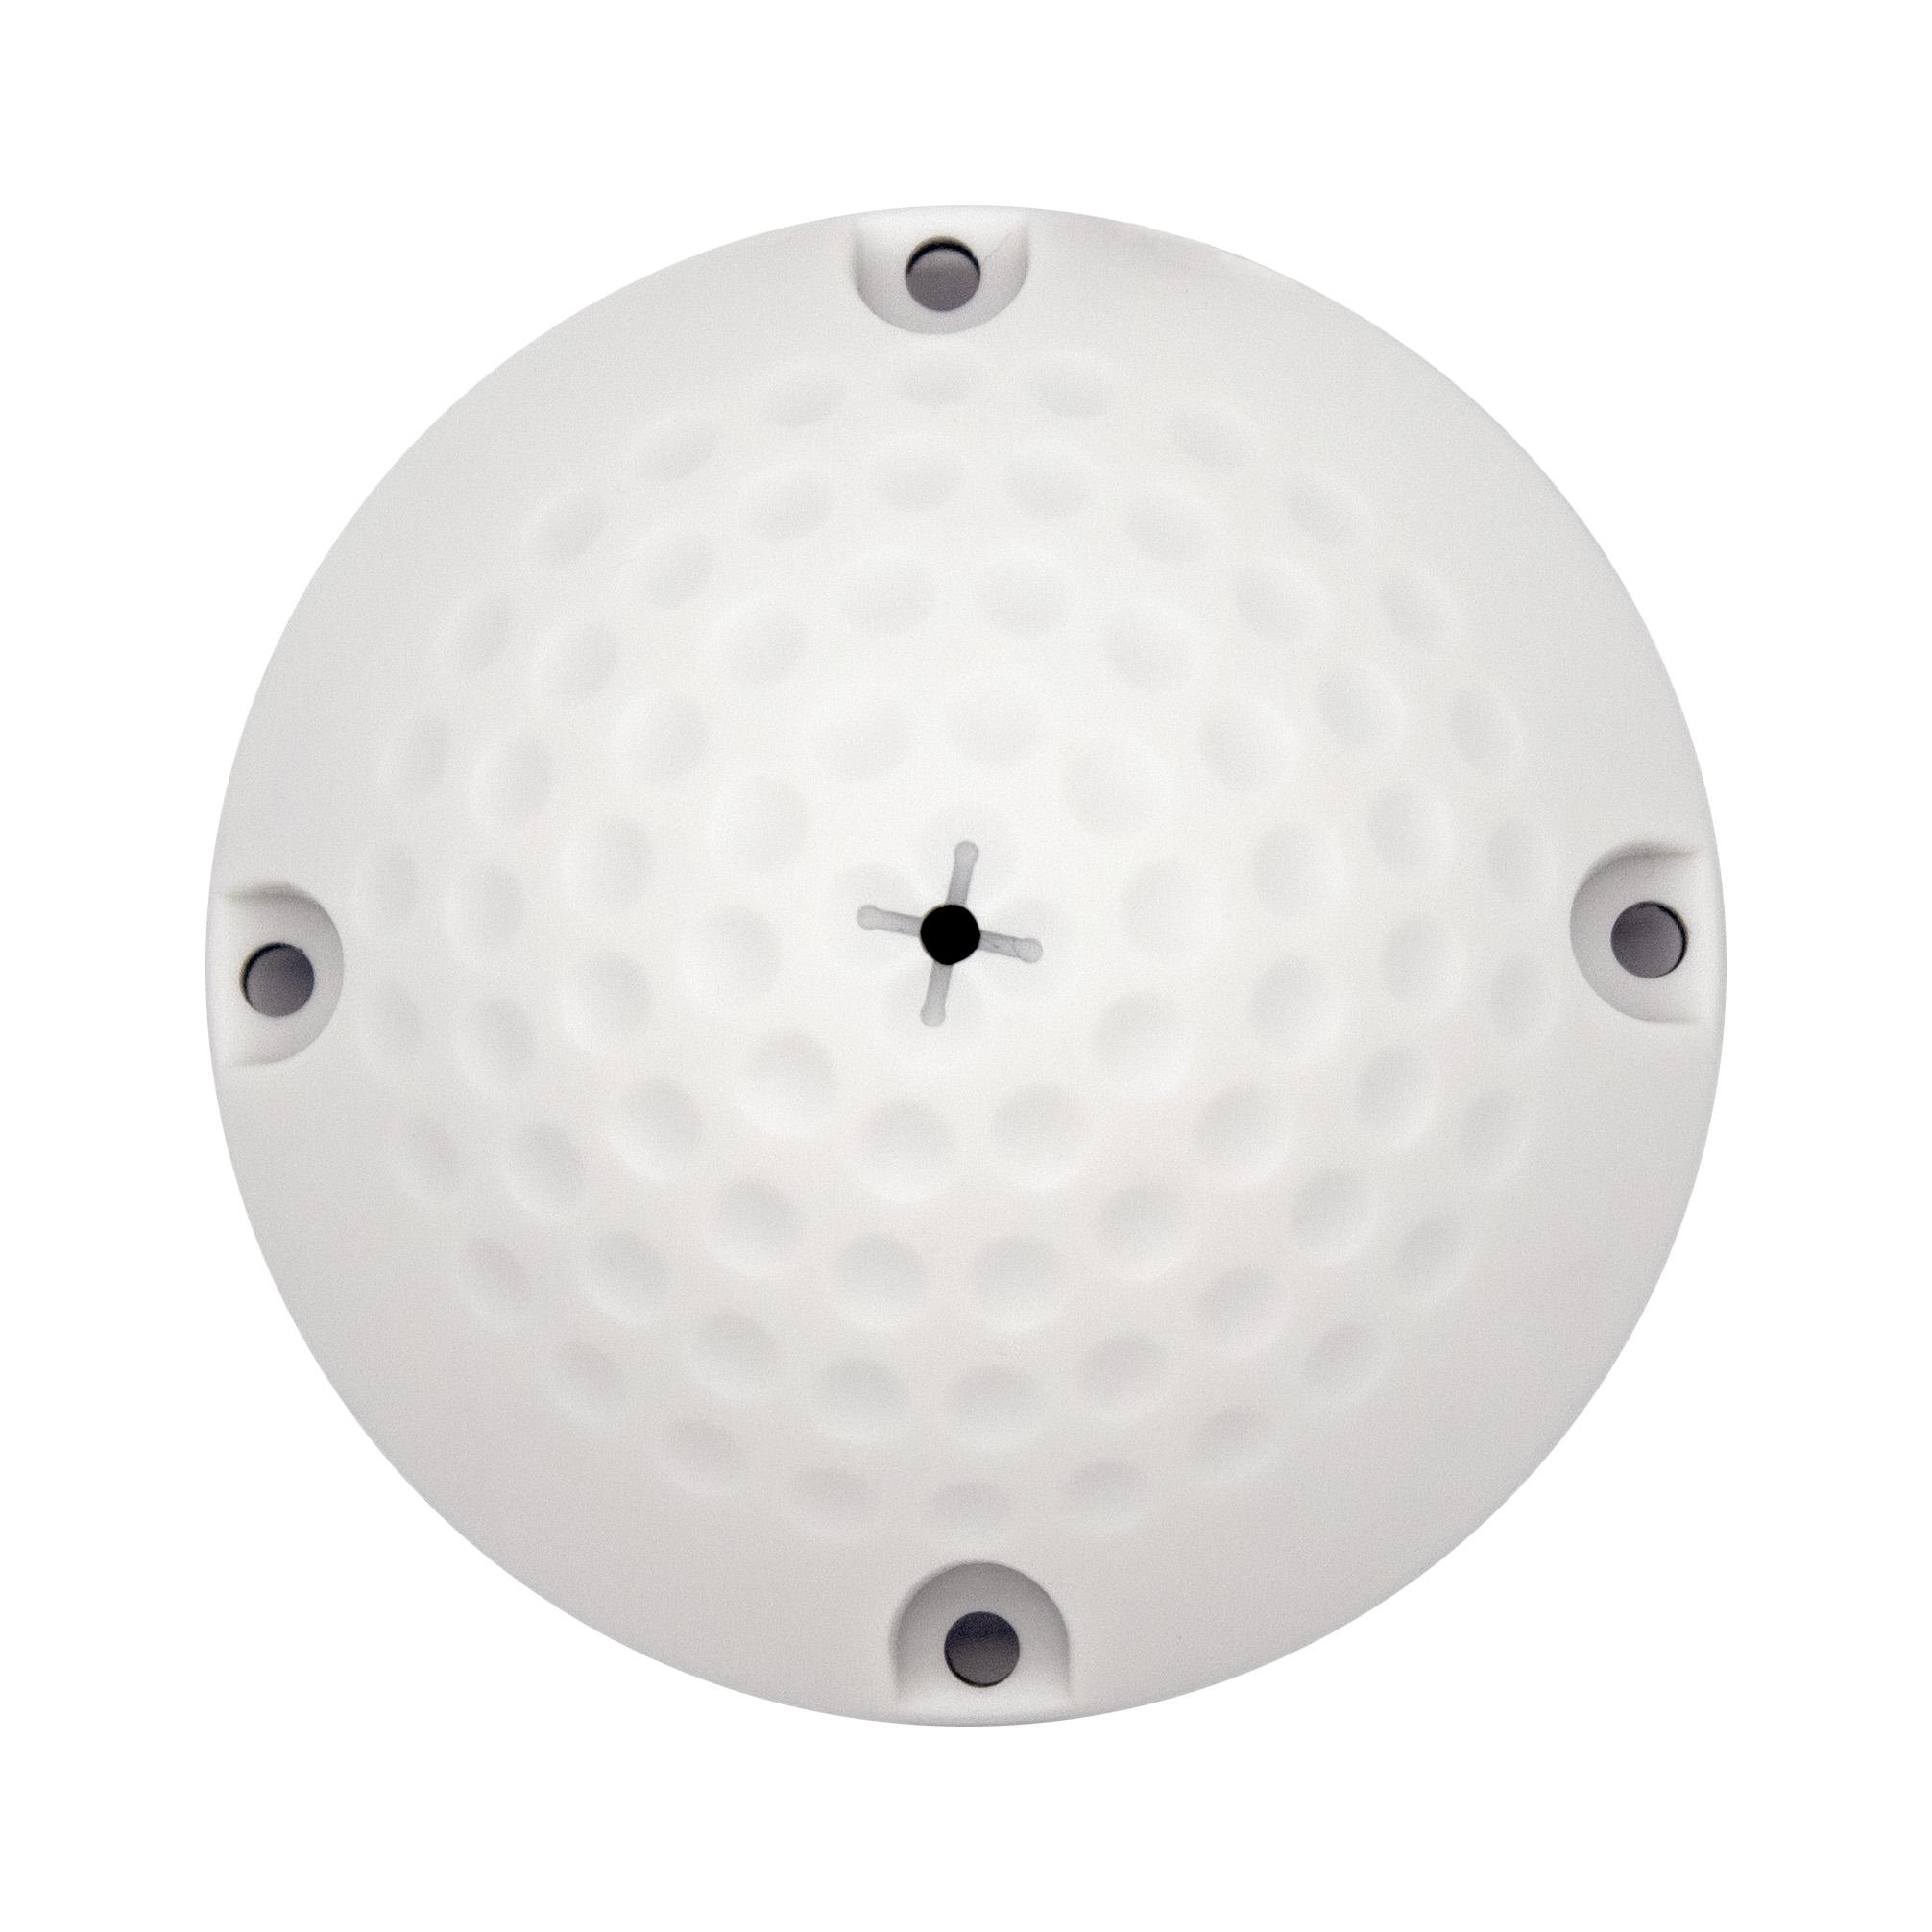 NIS-050N 半球型动态降噪拾音器